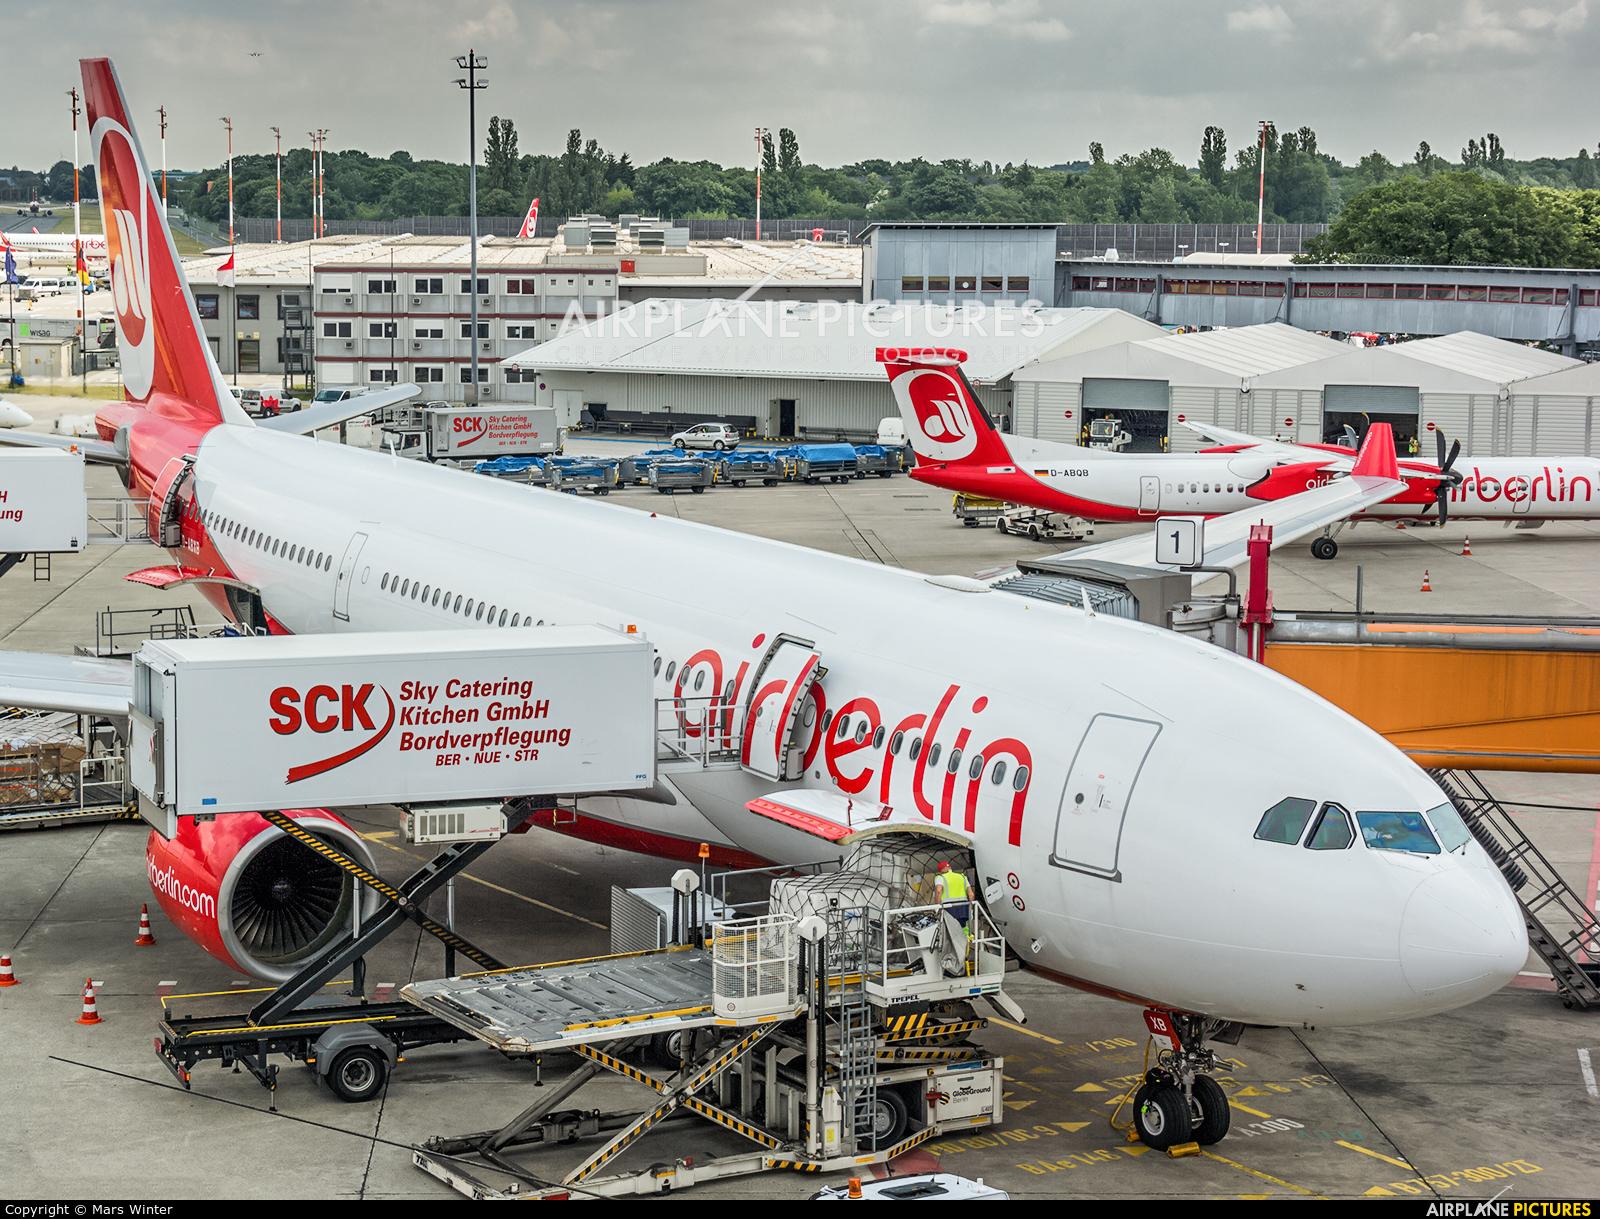 D-ABXB - Air Berlin Airbus A330-200 at Berlin